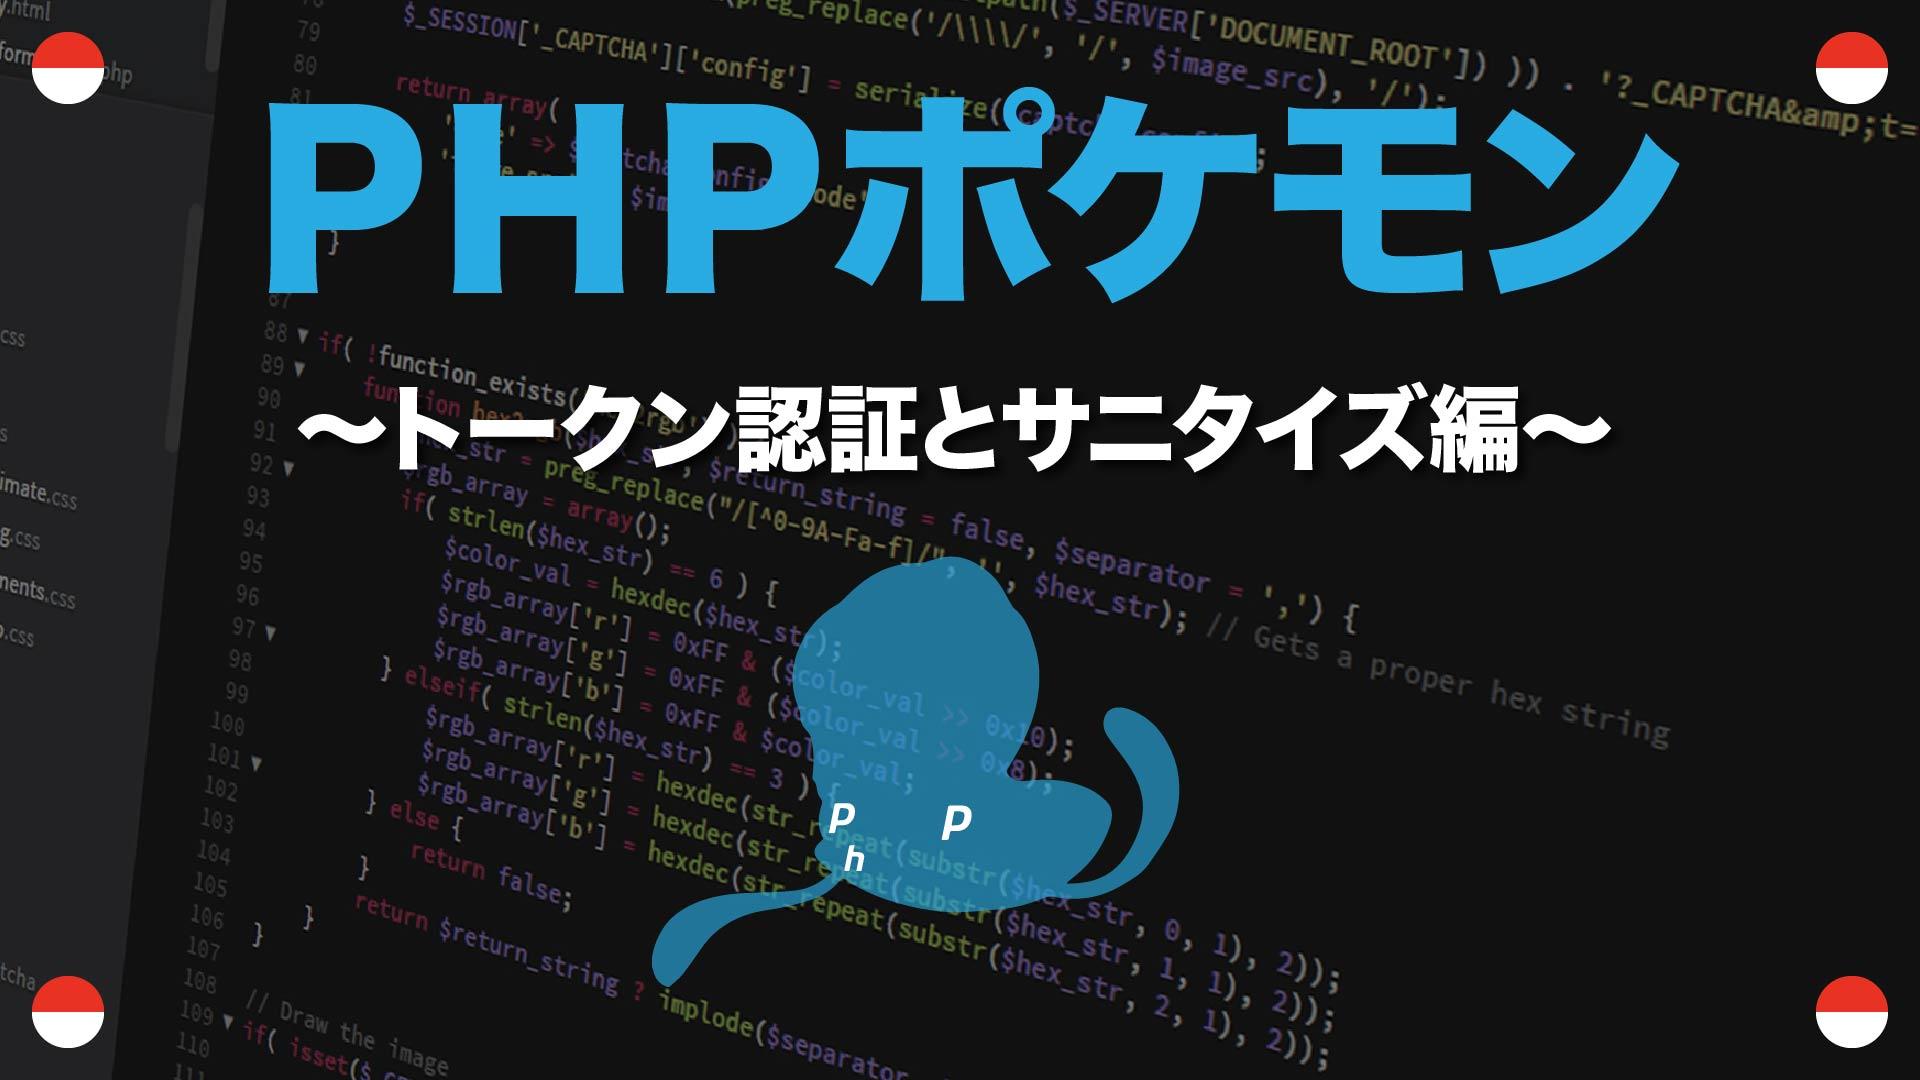 トークン認証とサニタイズ編 PHPポケモン 38 コード配布あり